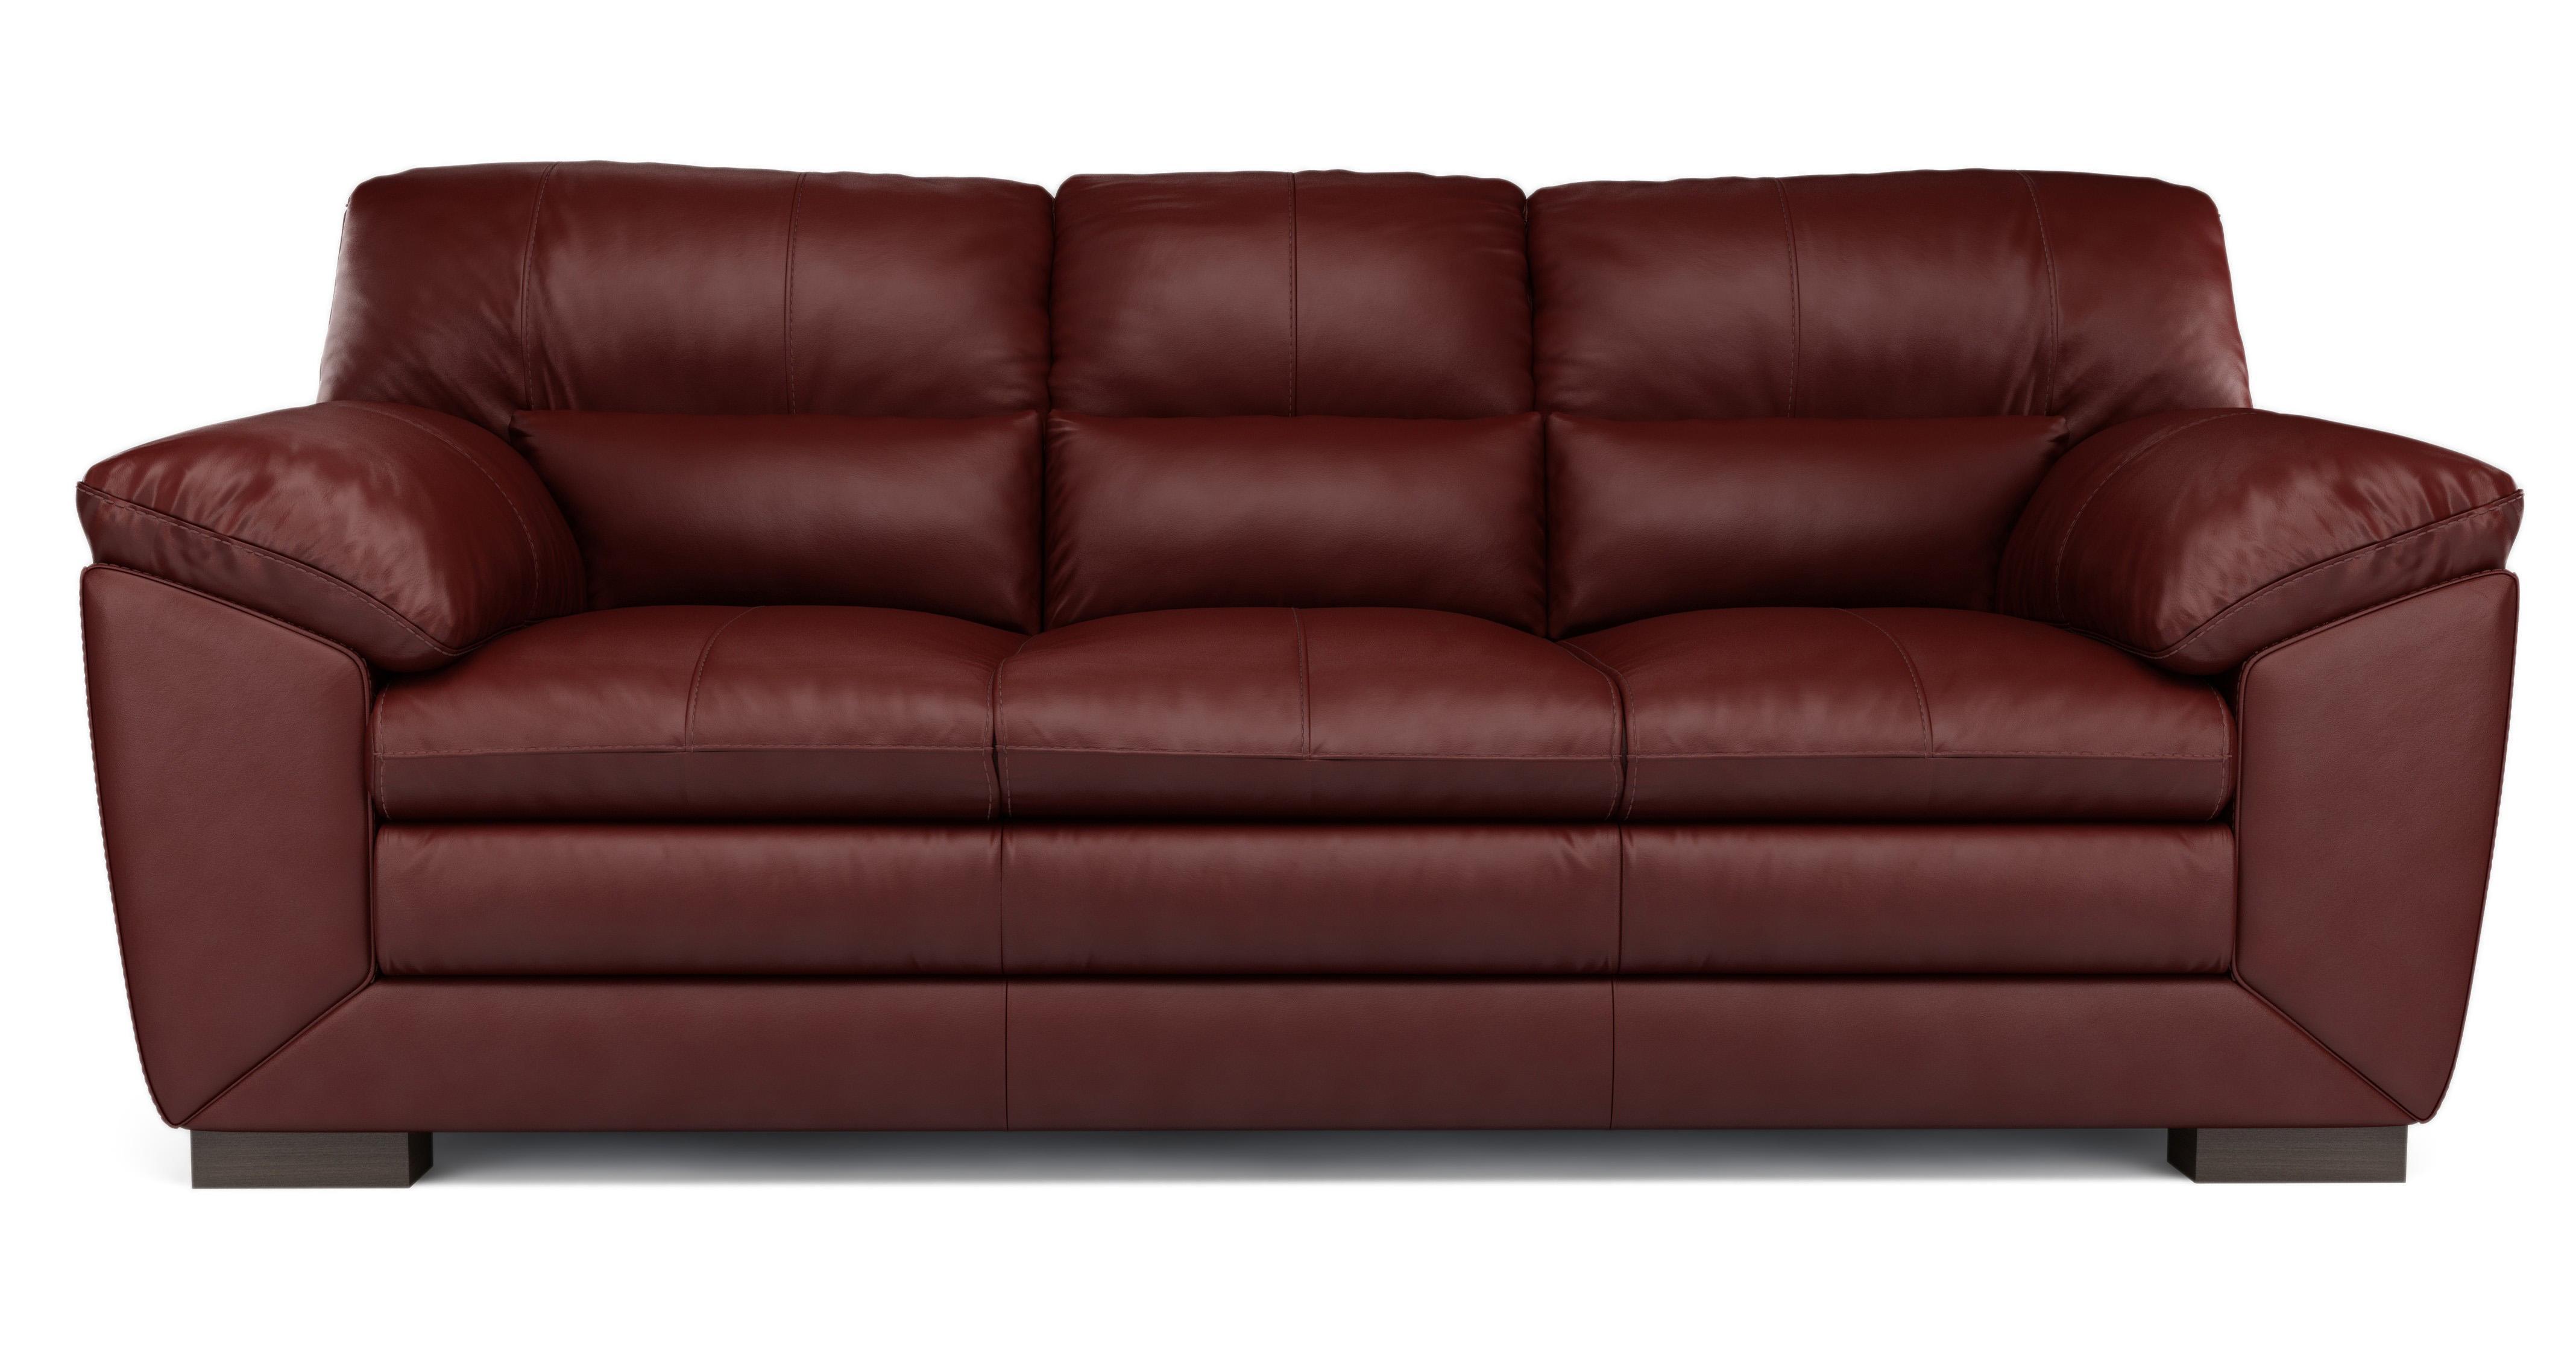 dfs corner sofa grey fabric costa rica material sofas zuri medium